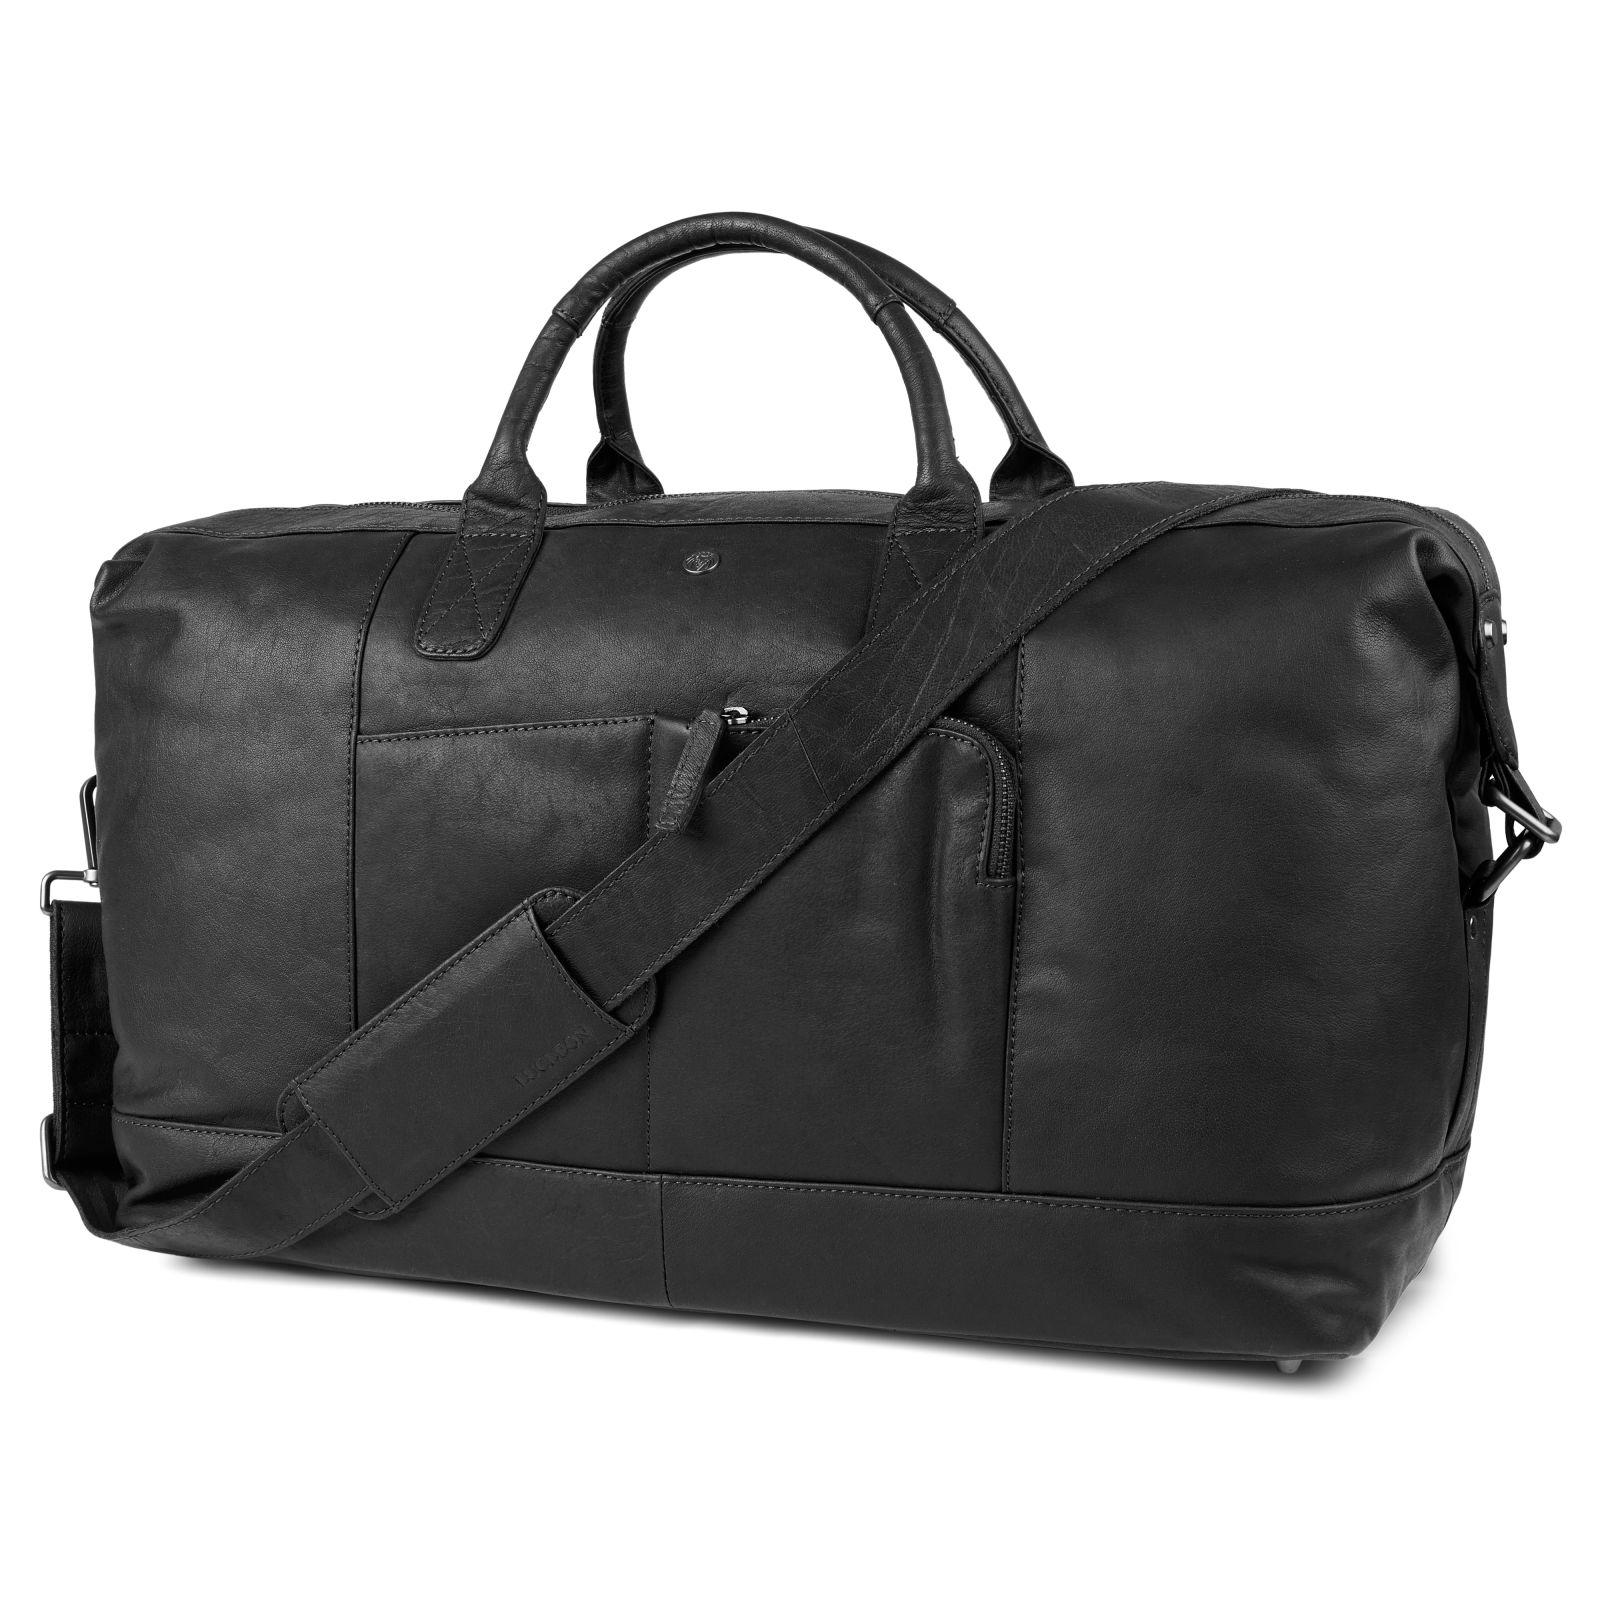 6ca9491b2429 Oxford Classic fekete bőr sporttáska | Ingyenes kiszállítás | Lucleon